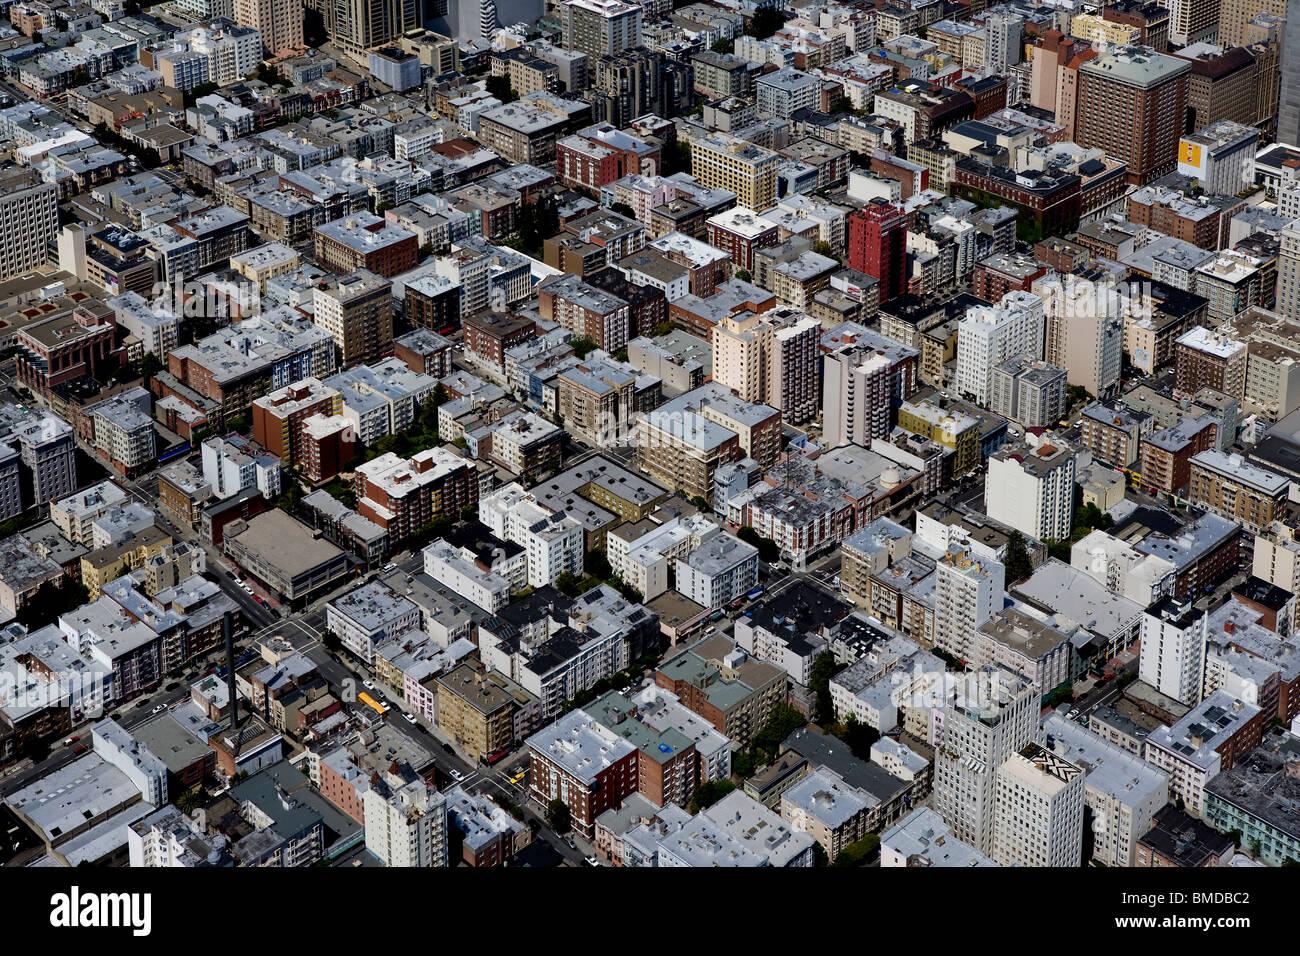 Luftaufnahme Wohnung Wohngebäude San Francisco Kalifornien Stockbild